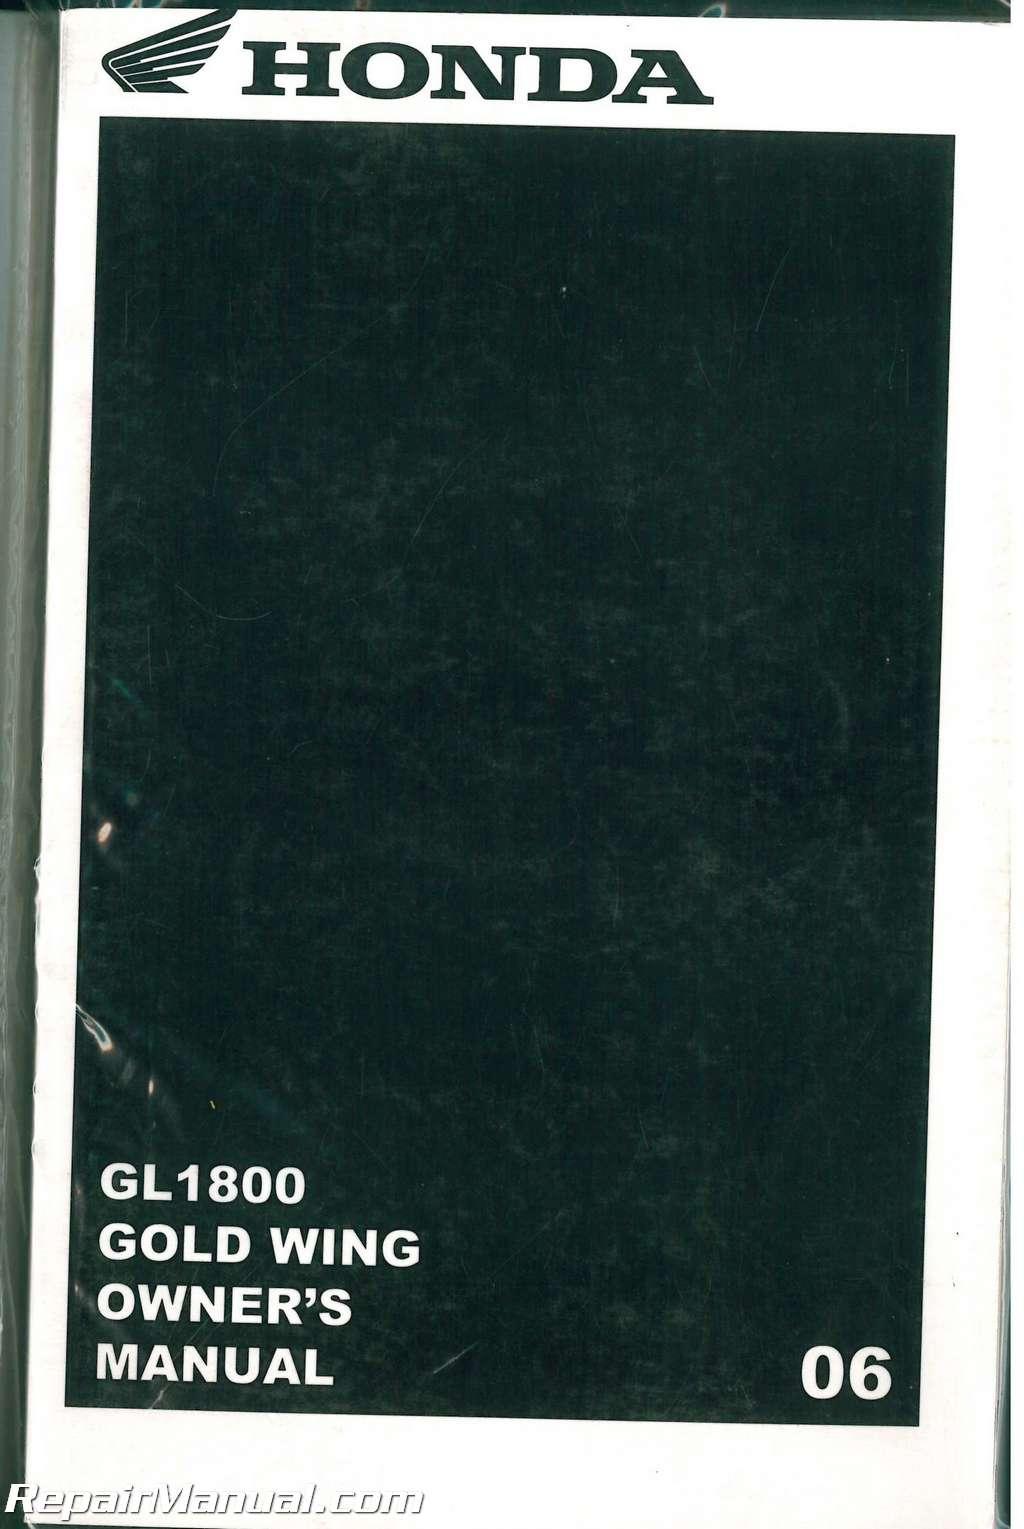 Honda Goldwing Motorcycle Repair Manual